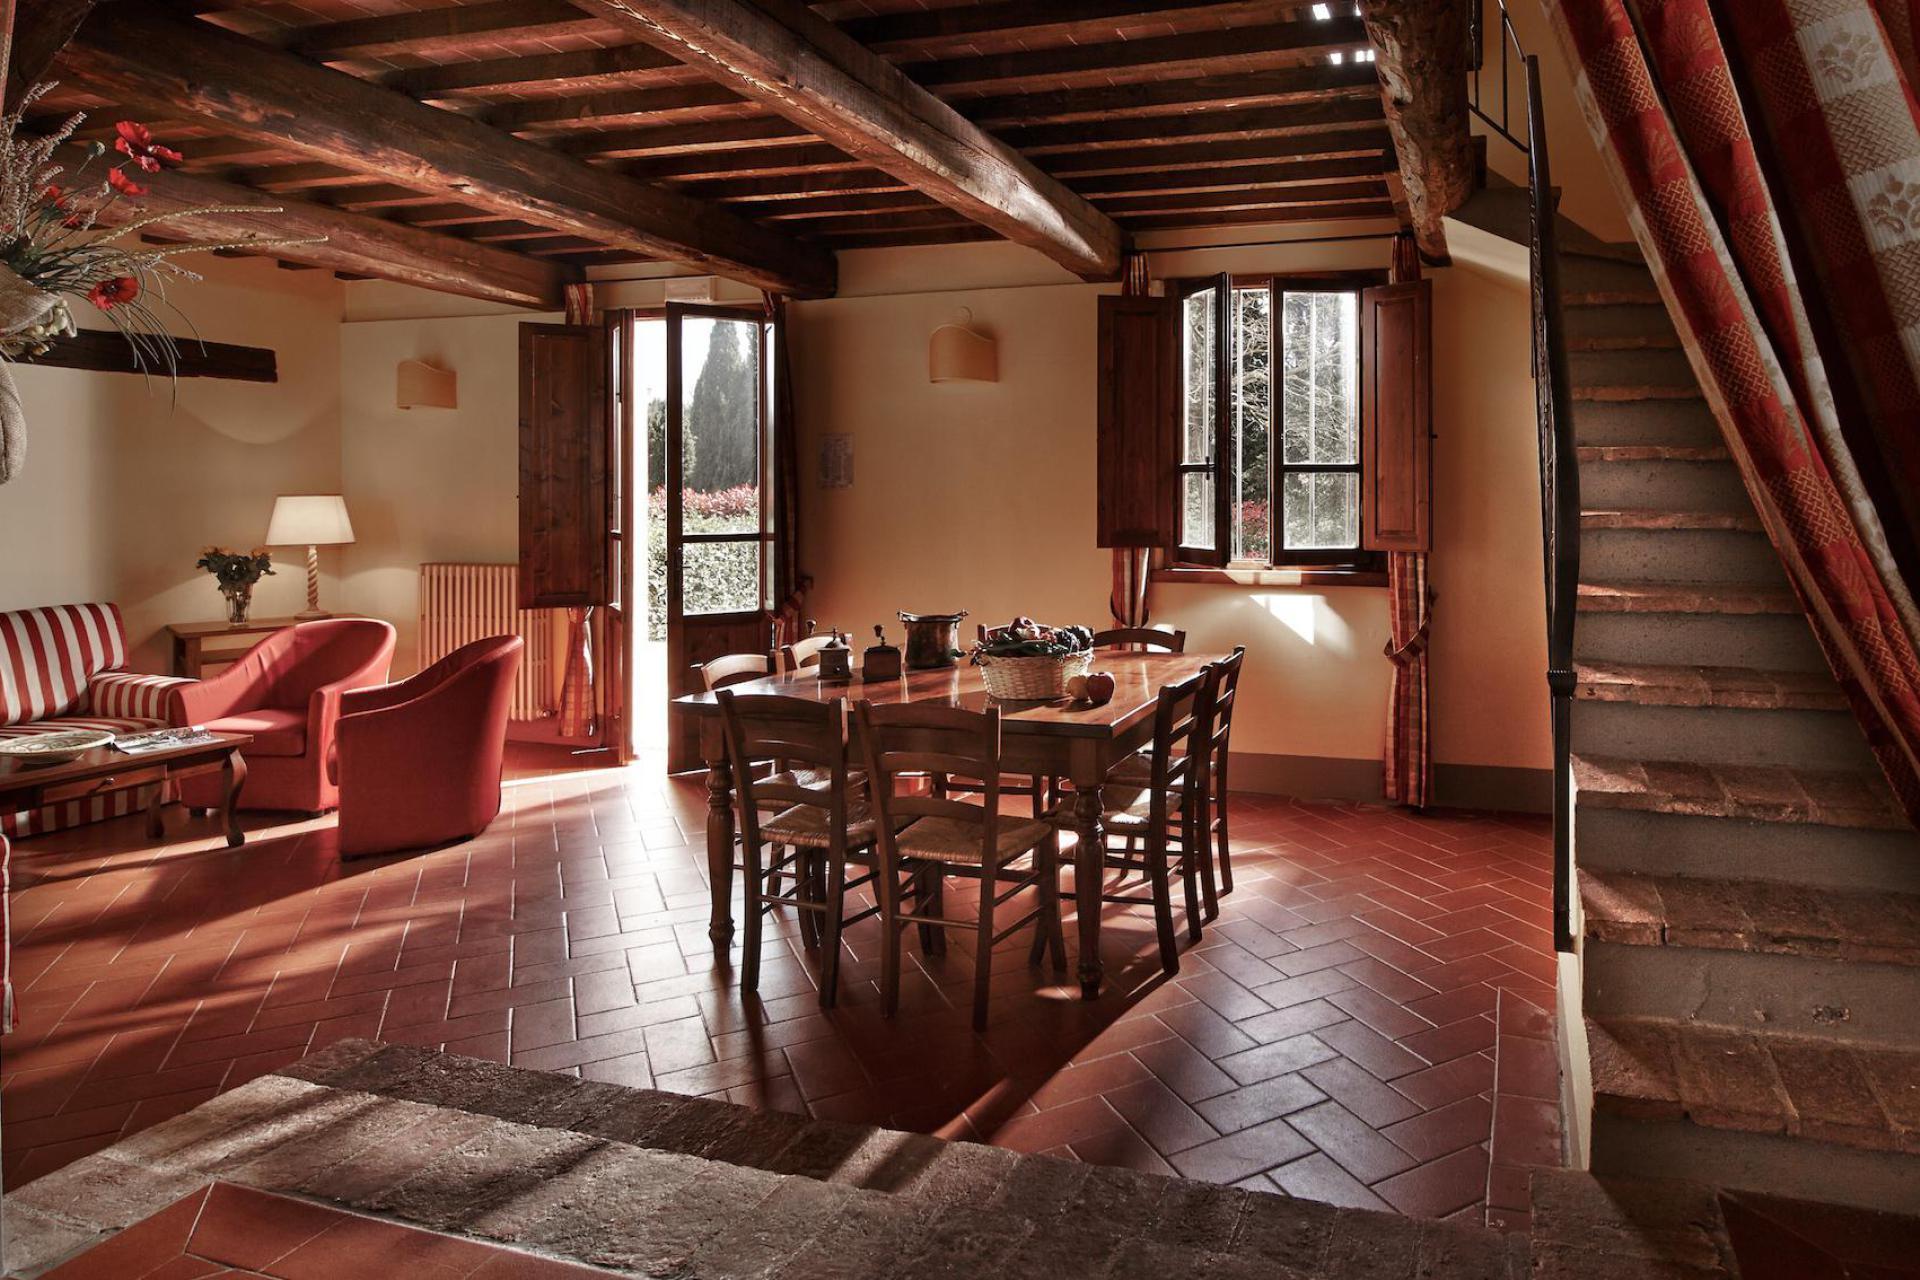 Mooie B&B tussen de wijngaarden in Piemonte